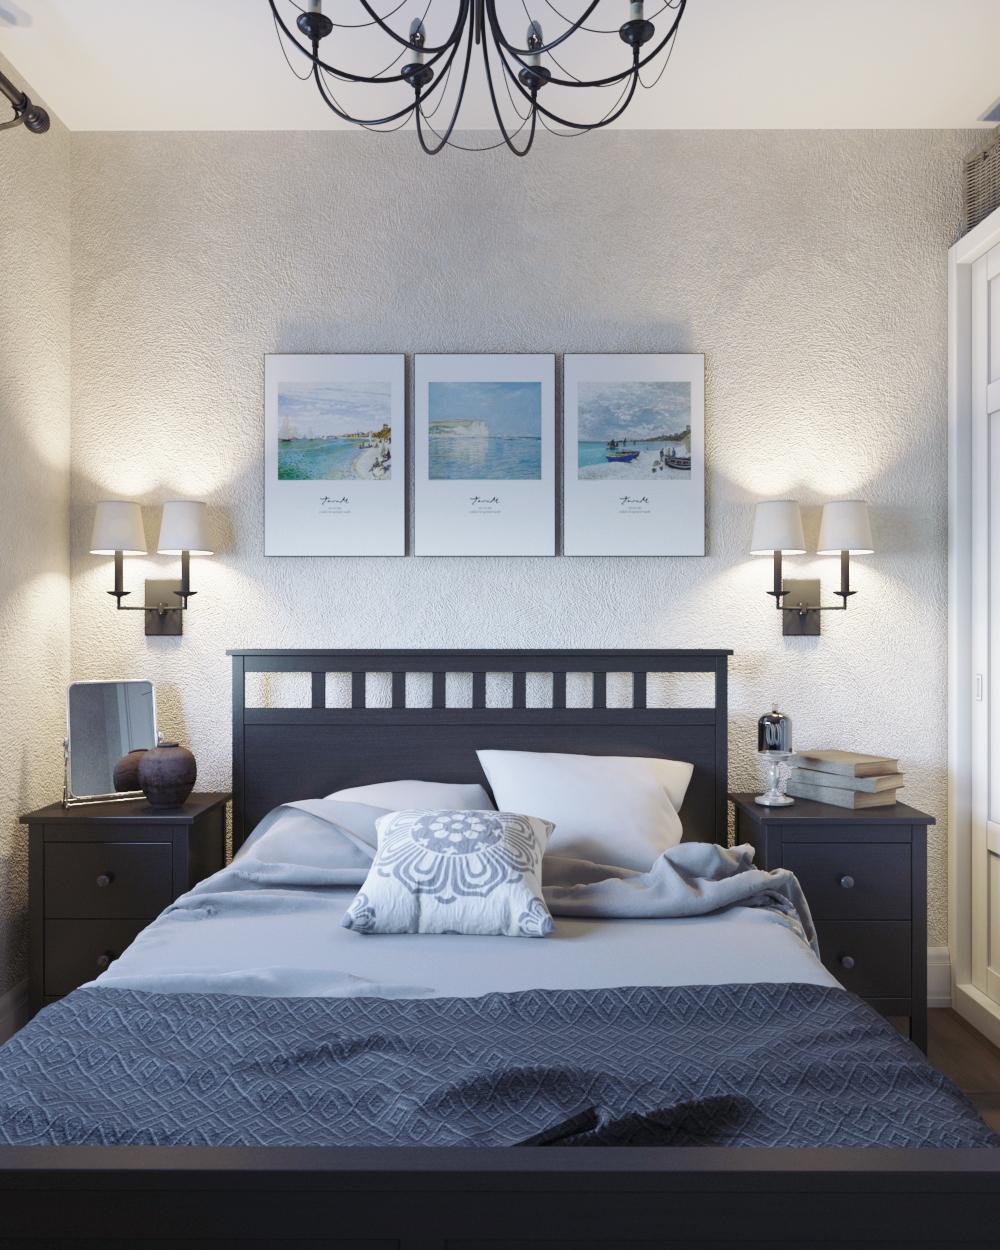 24_Bedroom_1 floor.jpg